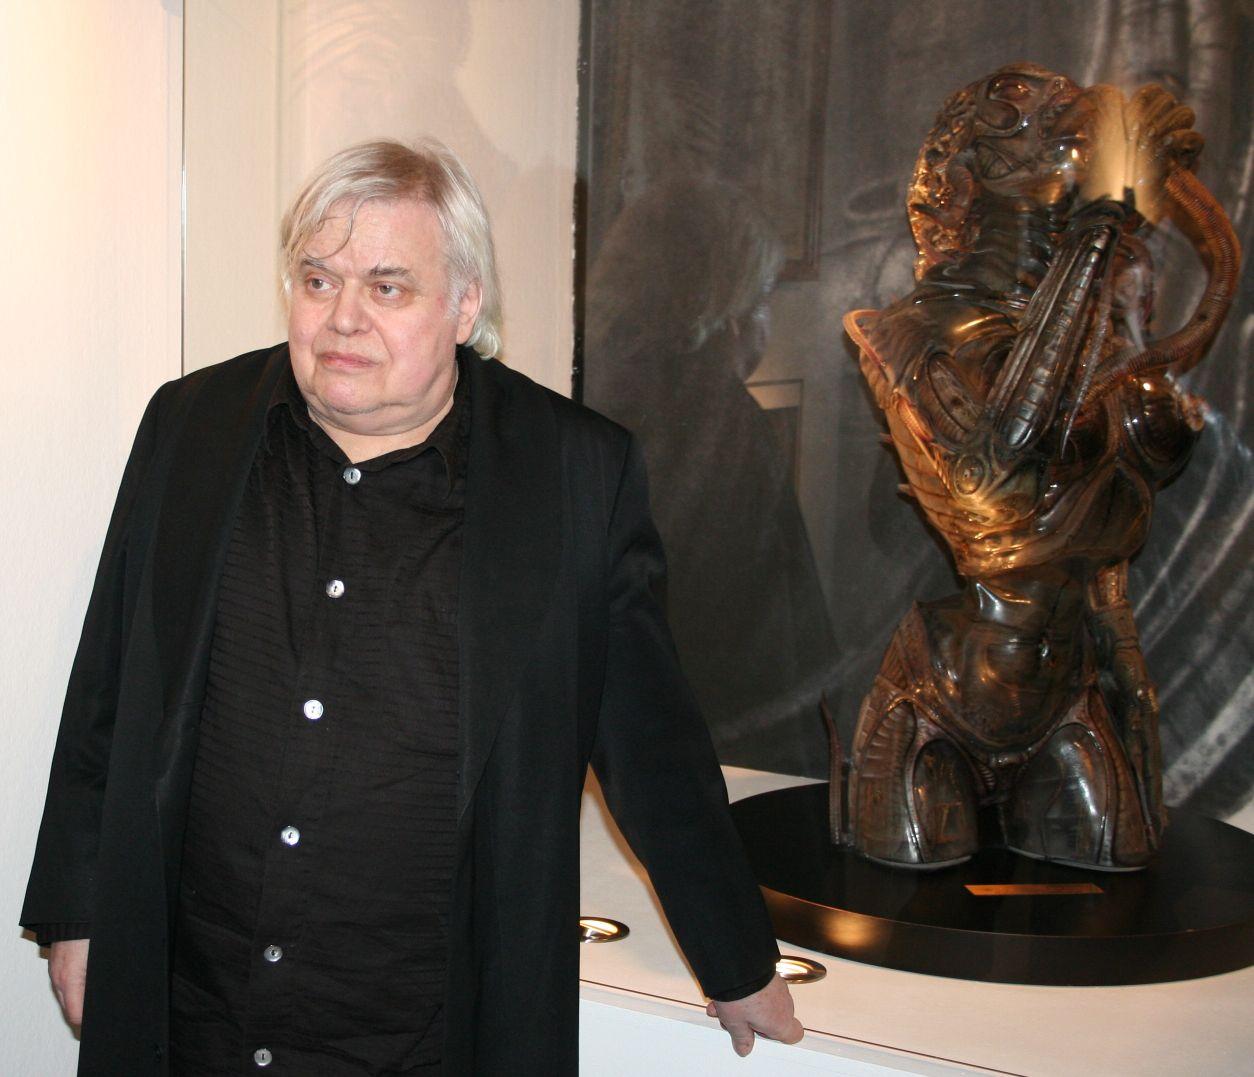 HR Giger 2009 bei einer Ausstellung in Frankfurt.